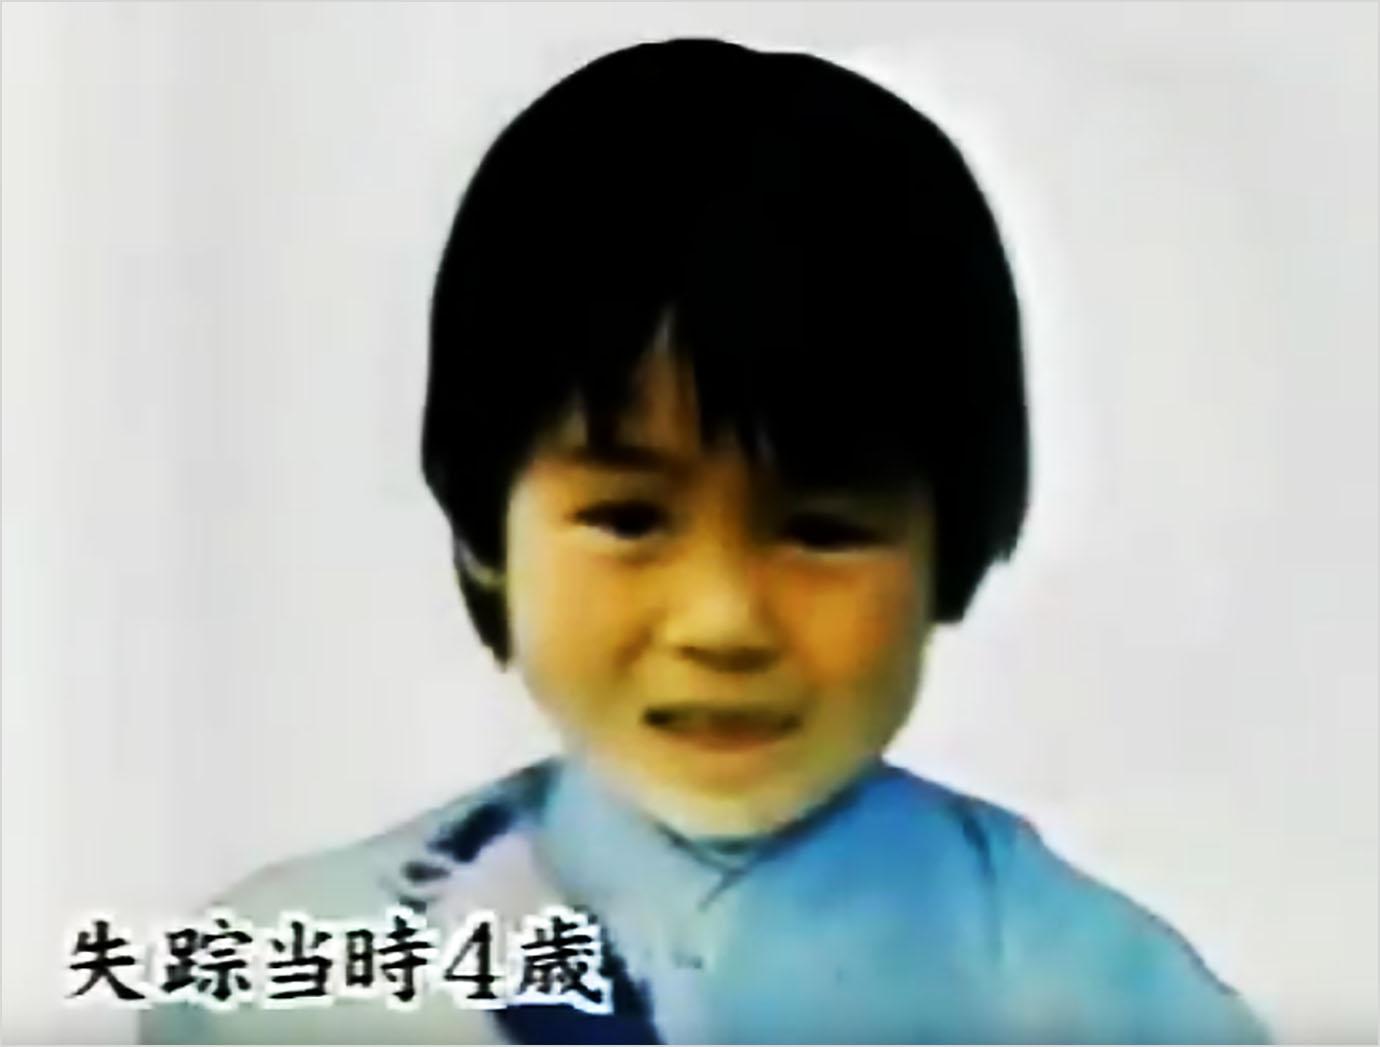 【必読】行方不明の松岡伸矢くんの父親からネットの人たちに報告 / 17年間軟禁事件の和田竜人さん騒動を受けて | バズプラスニュース Buzz+